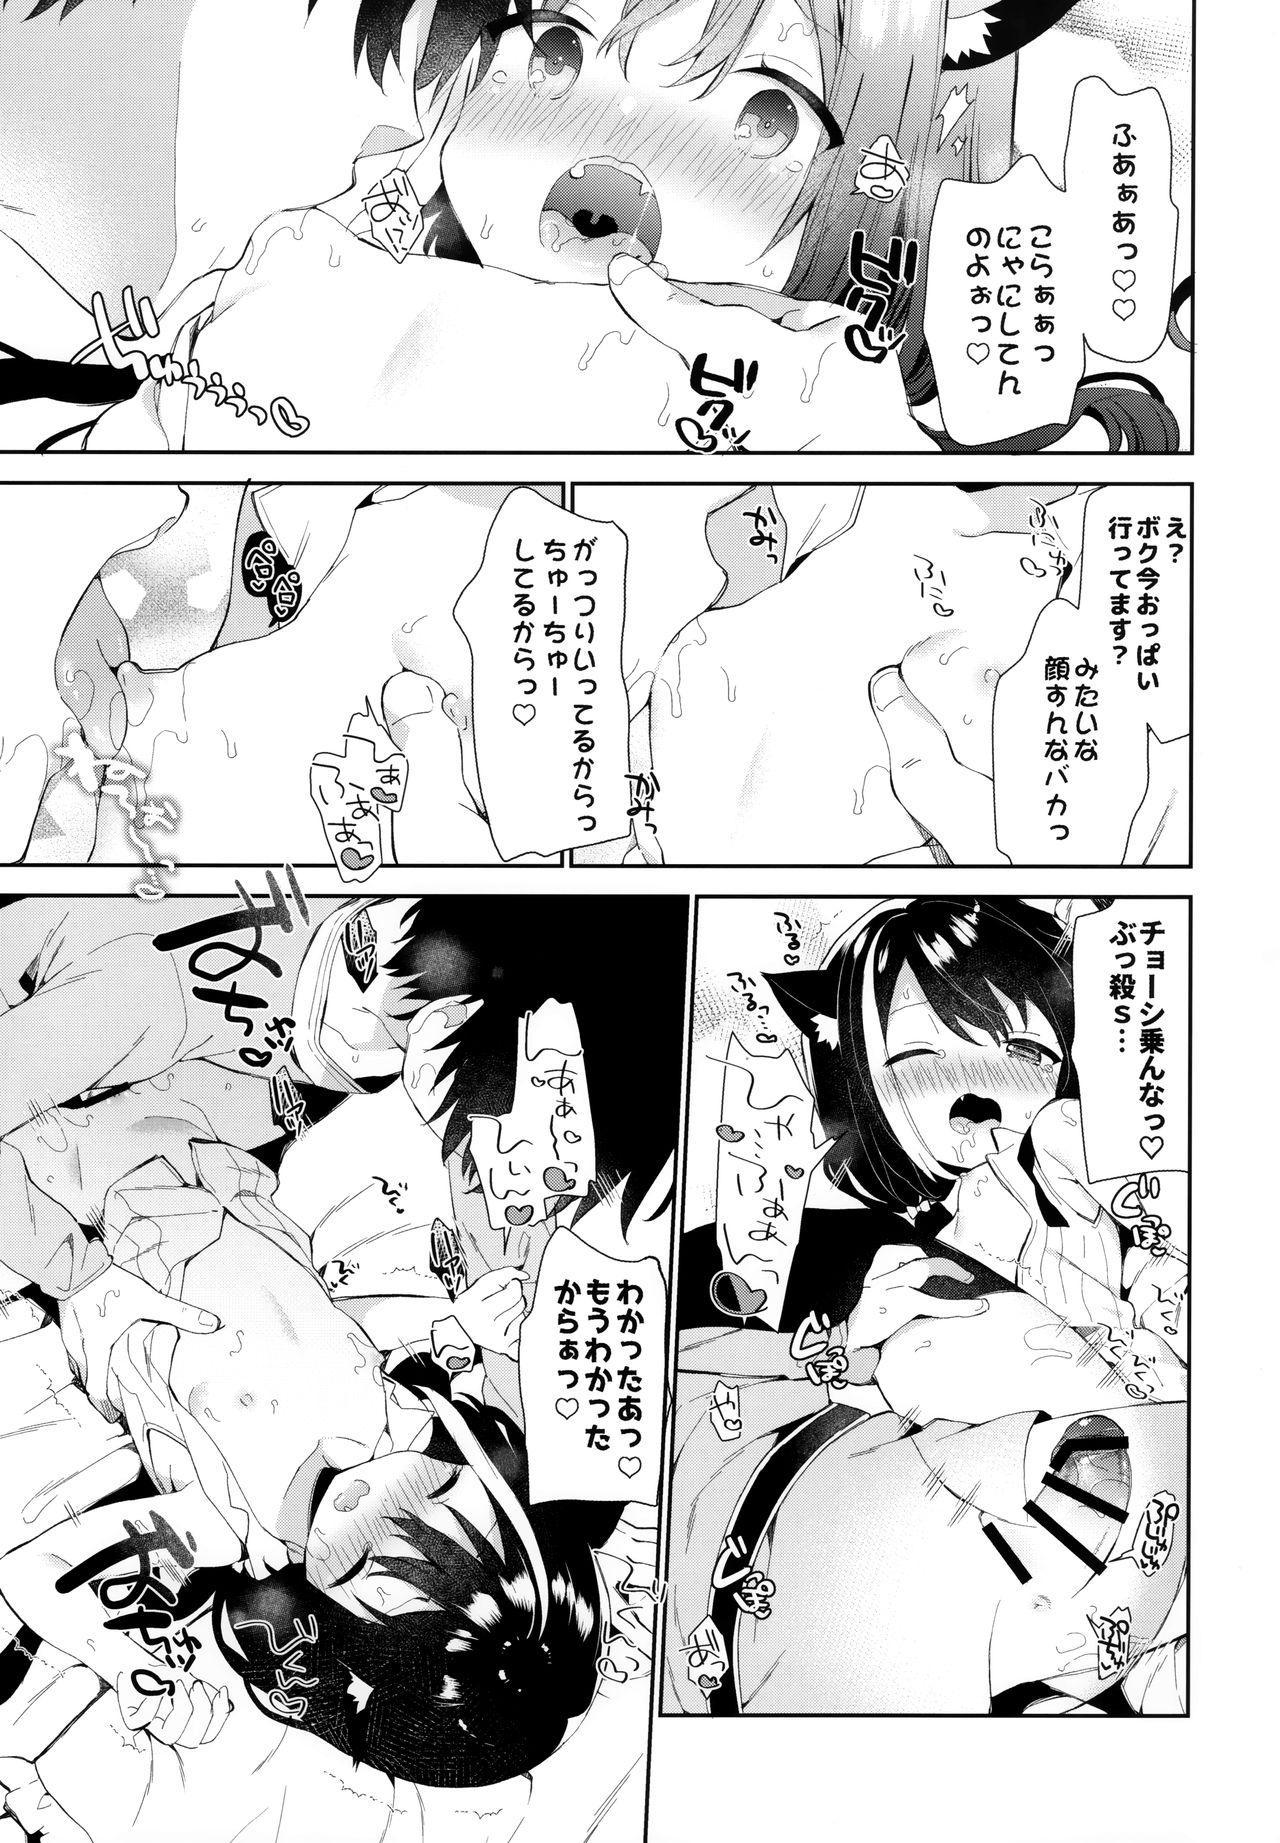 Kyaru-chan to Densetsu no Maken! 15